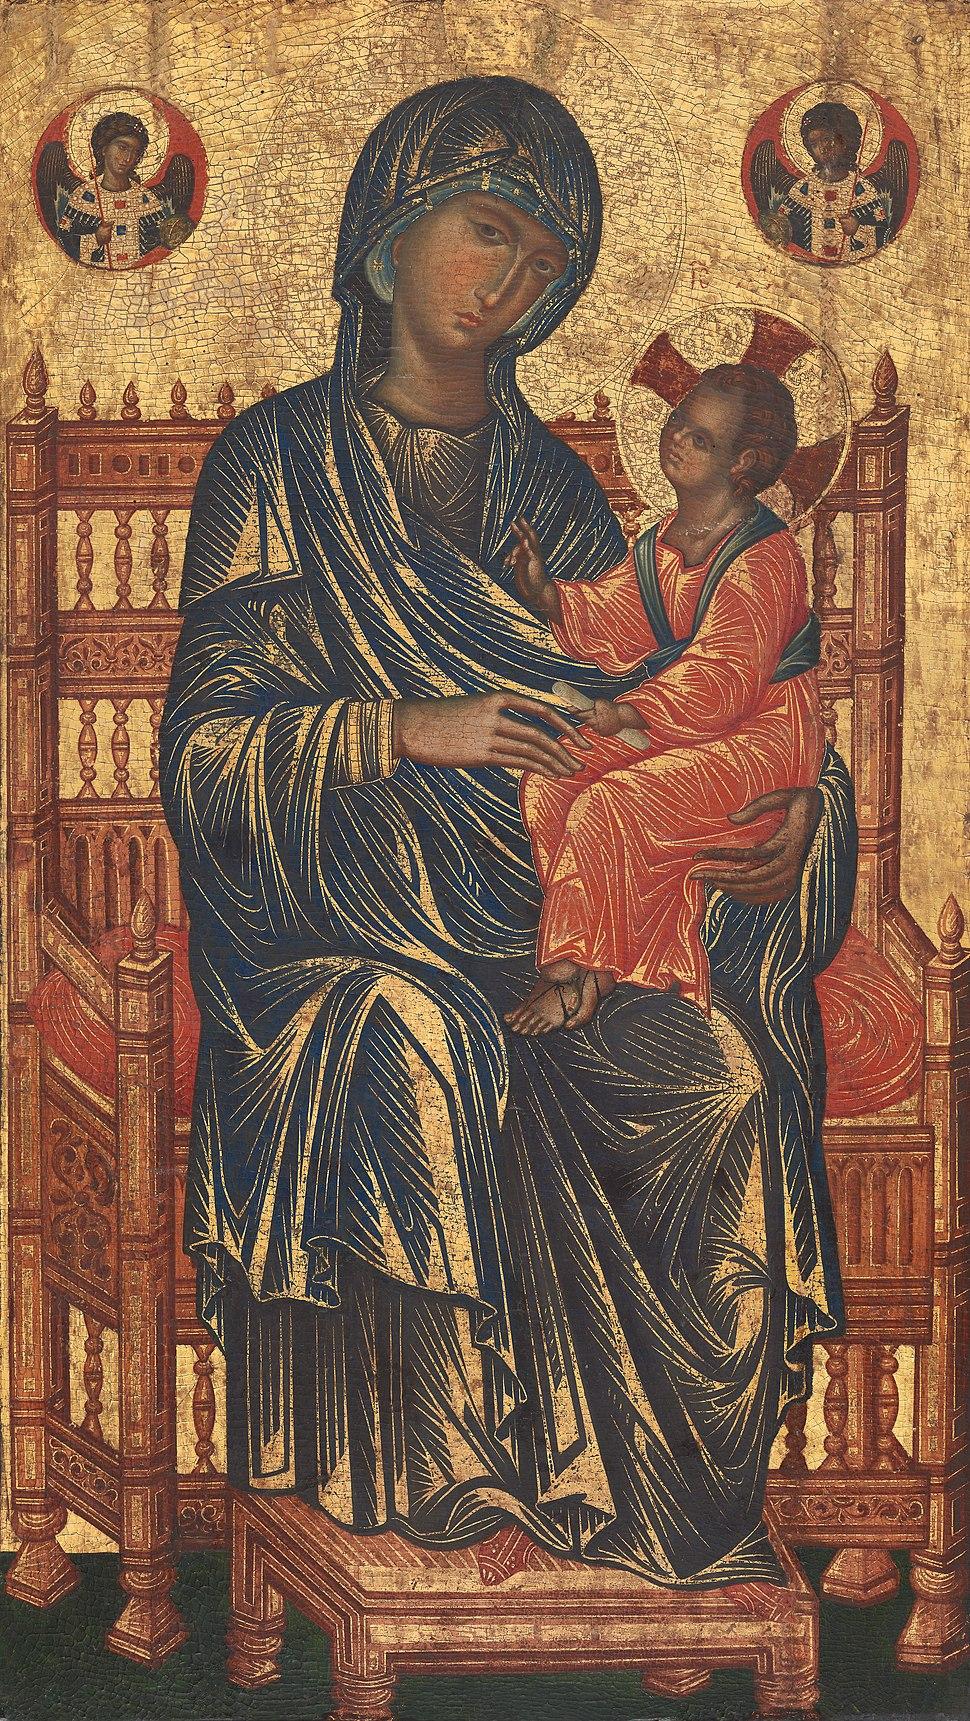 Italo-Byzantinischer Maler des 13. Jahrhunderts 001